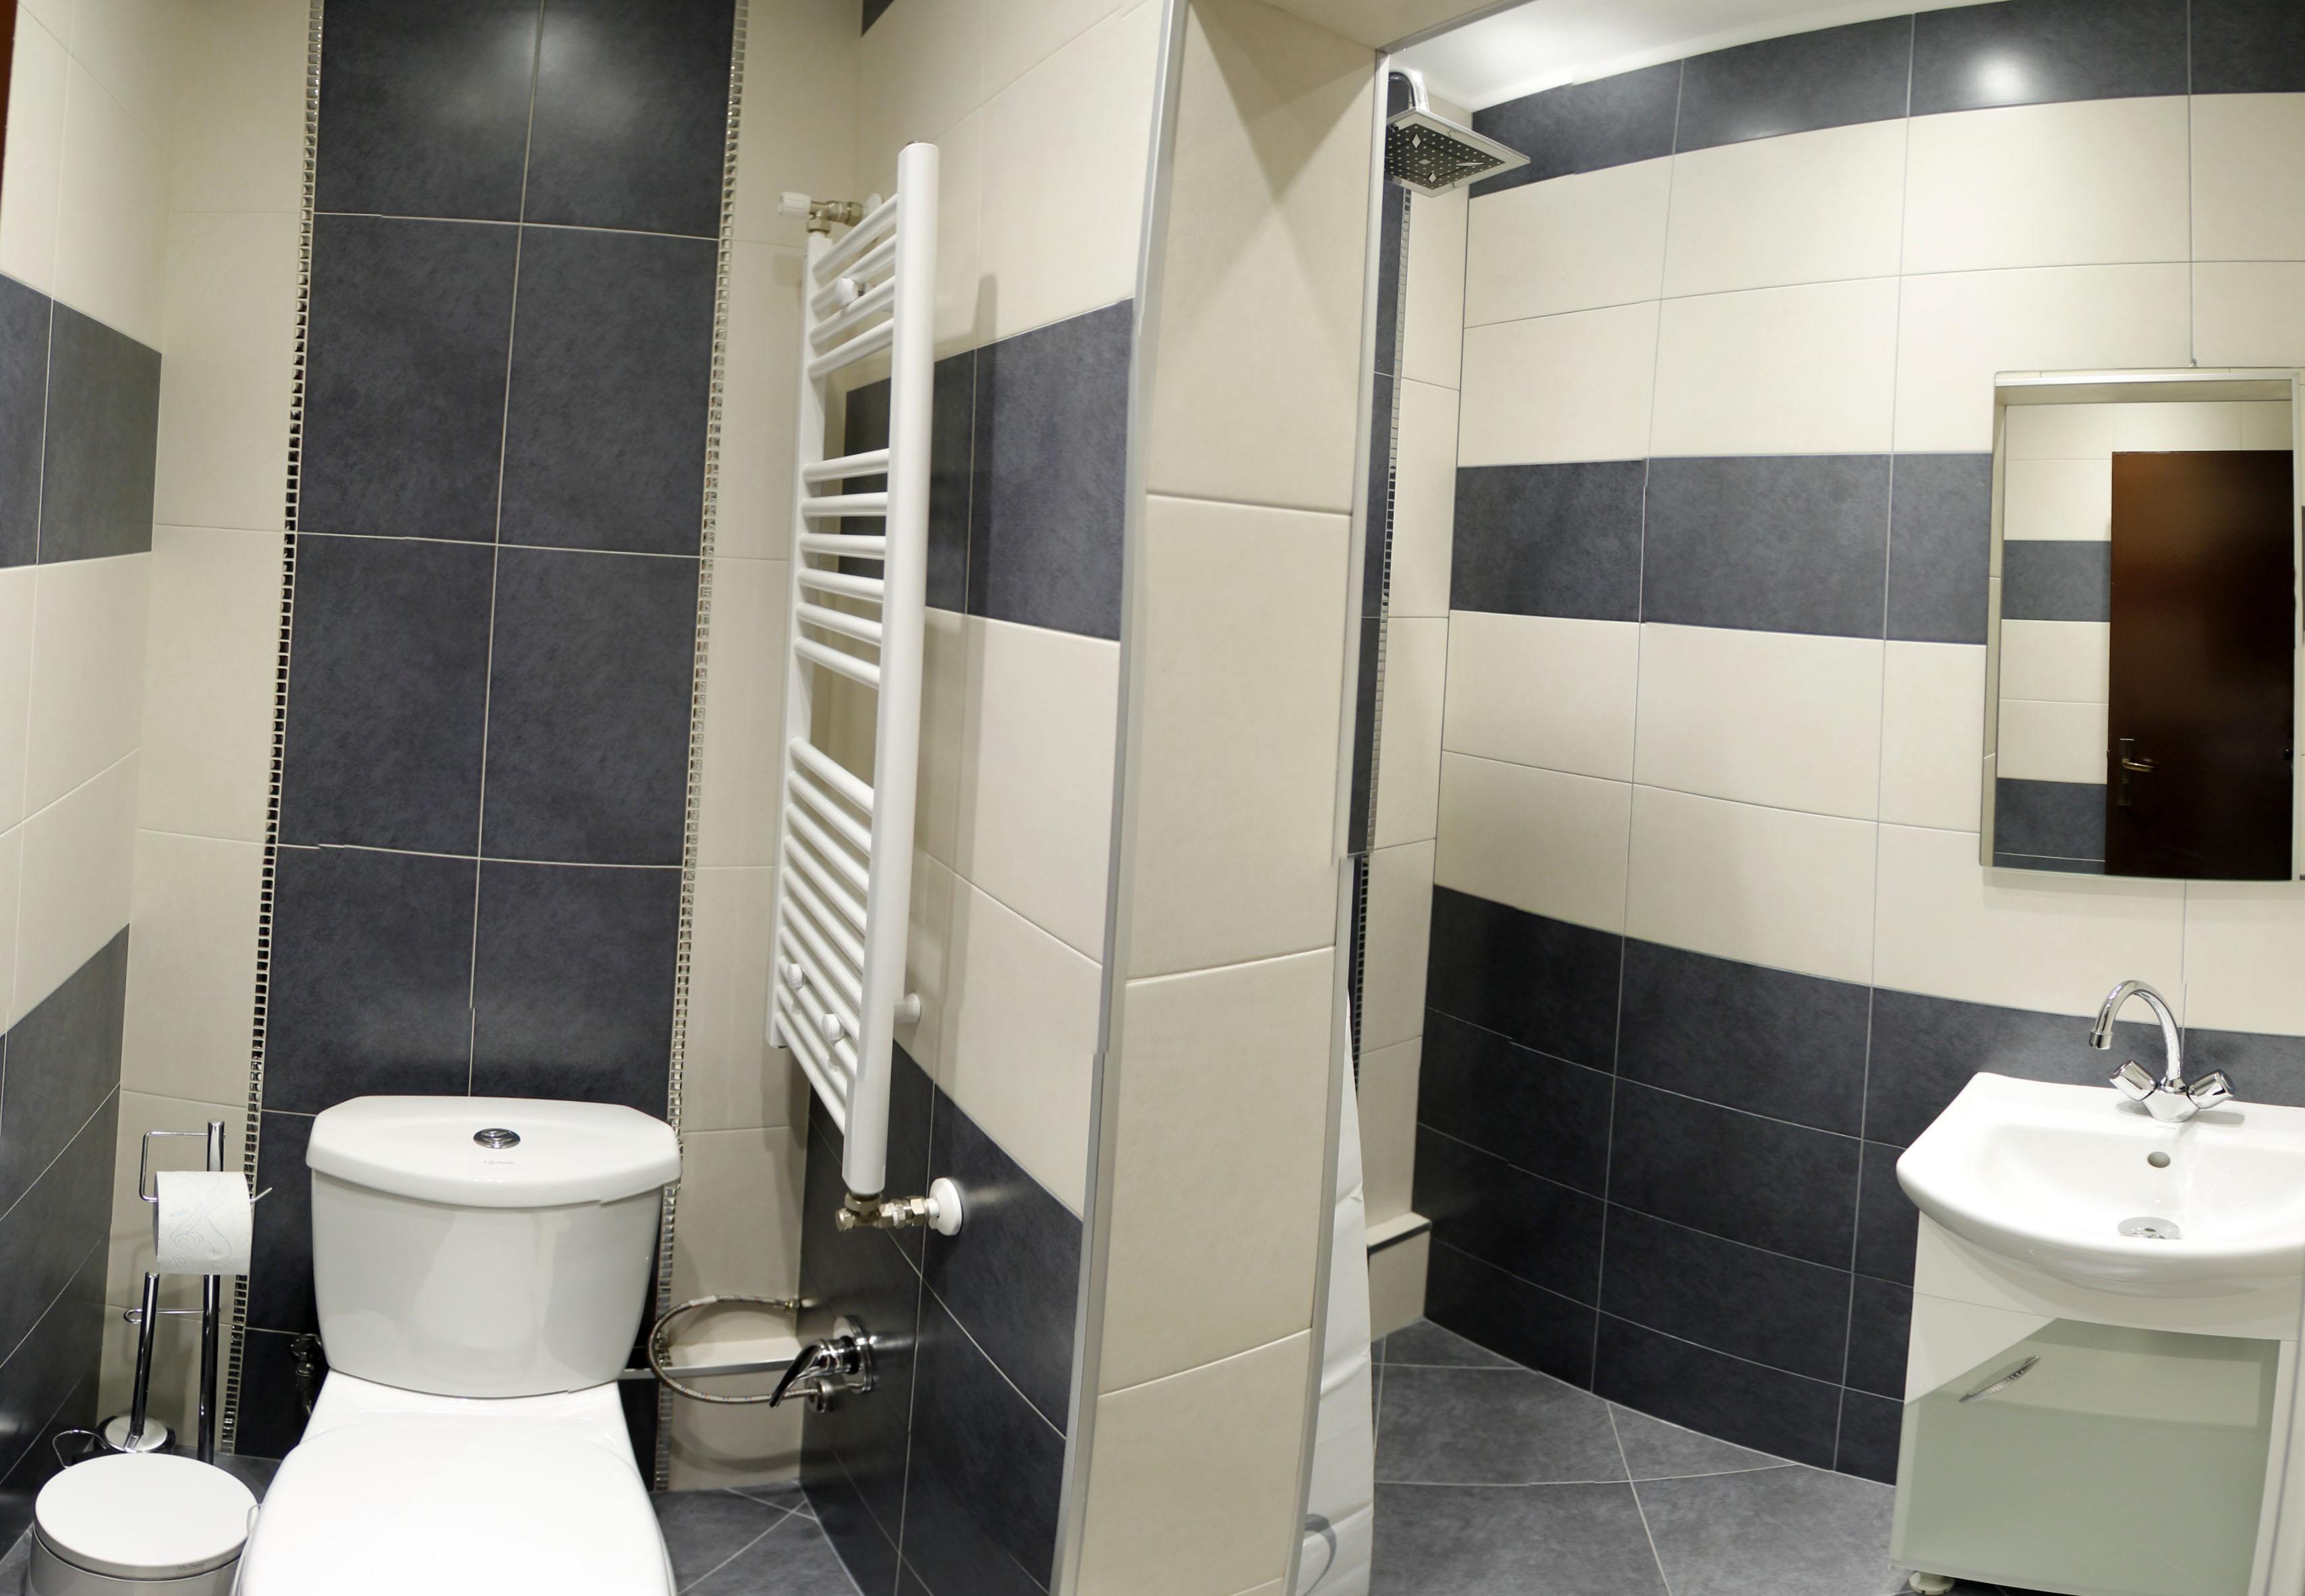 Къща за гости Златоград баня 2.1